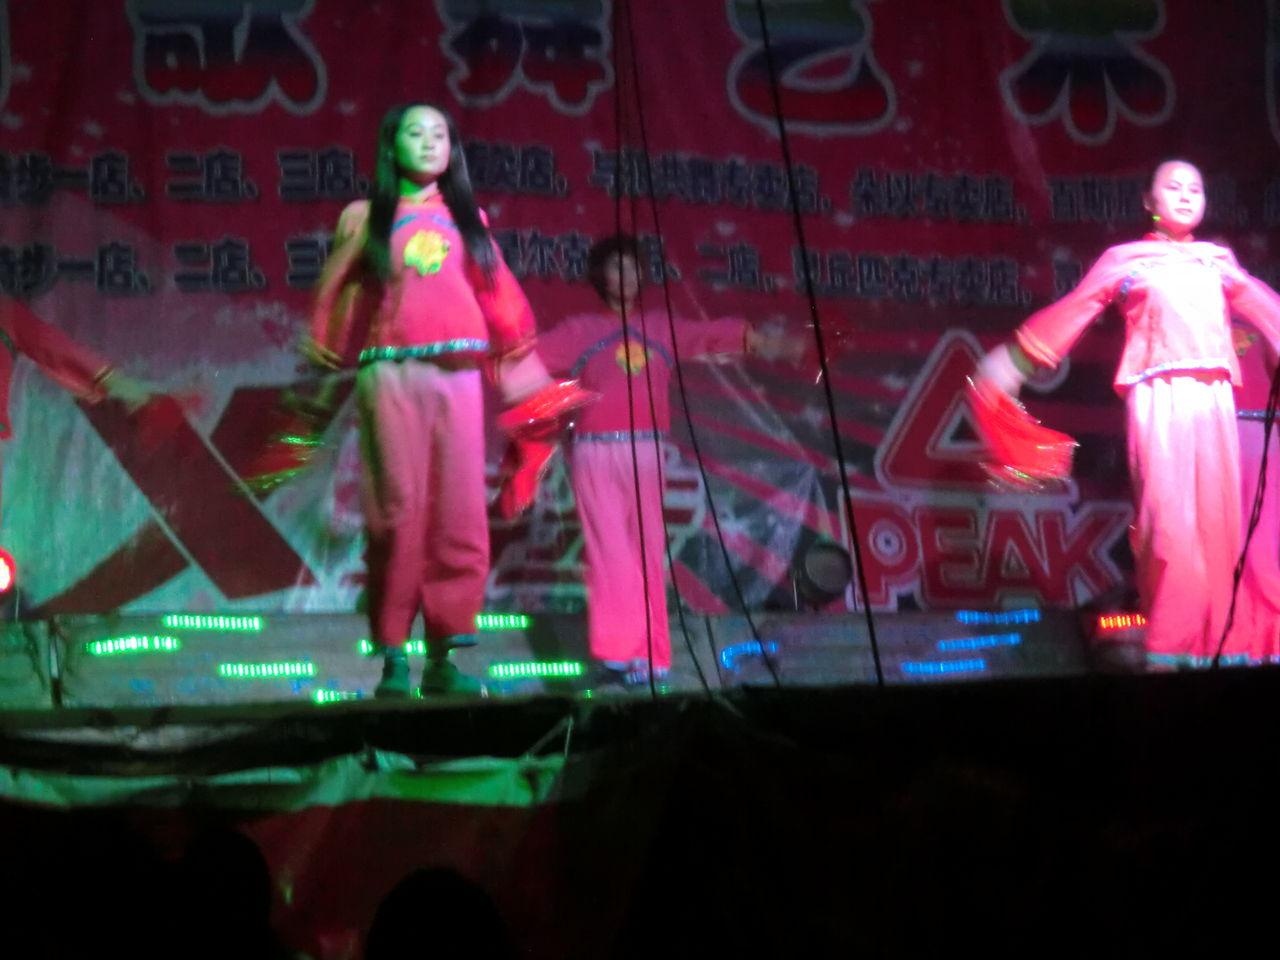 大棚歌舞团开放表演,庙会大棚歌舞团表演,大棚歌舞团表演视频